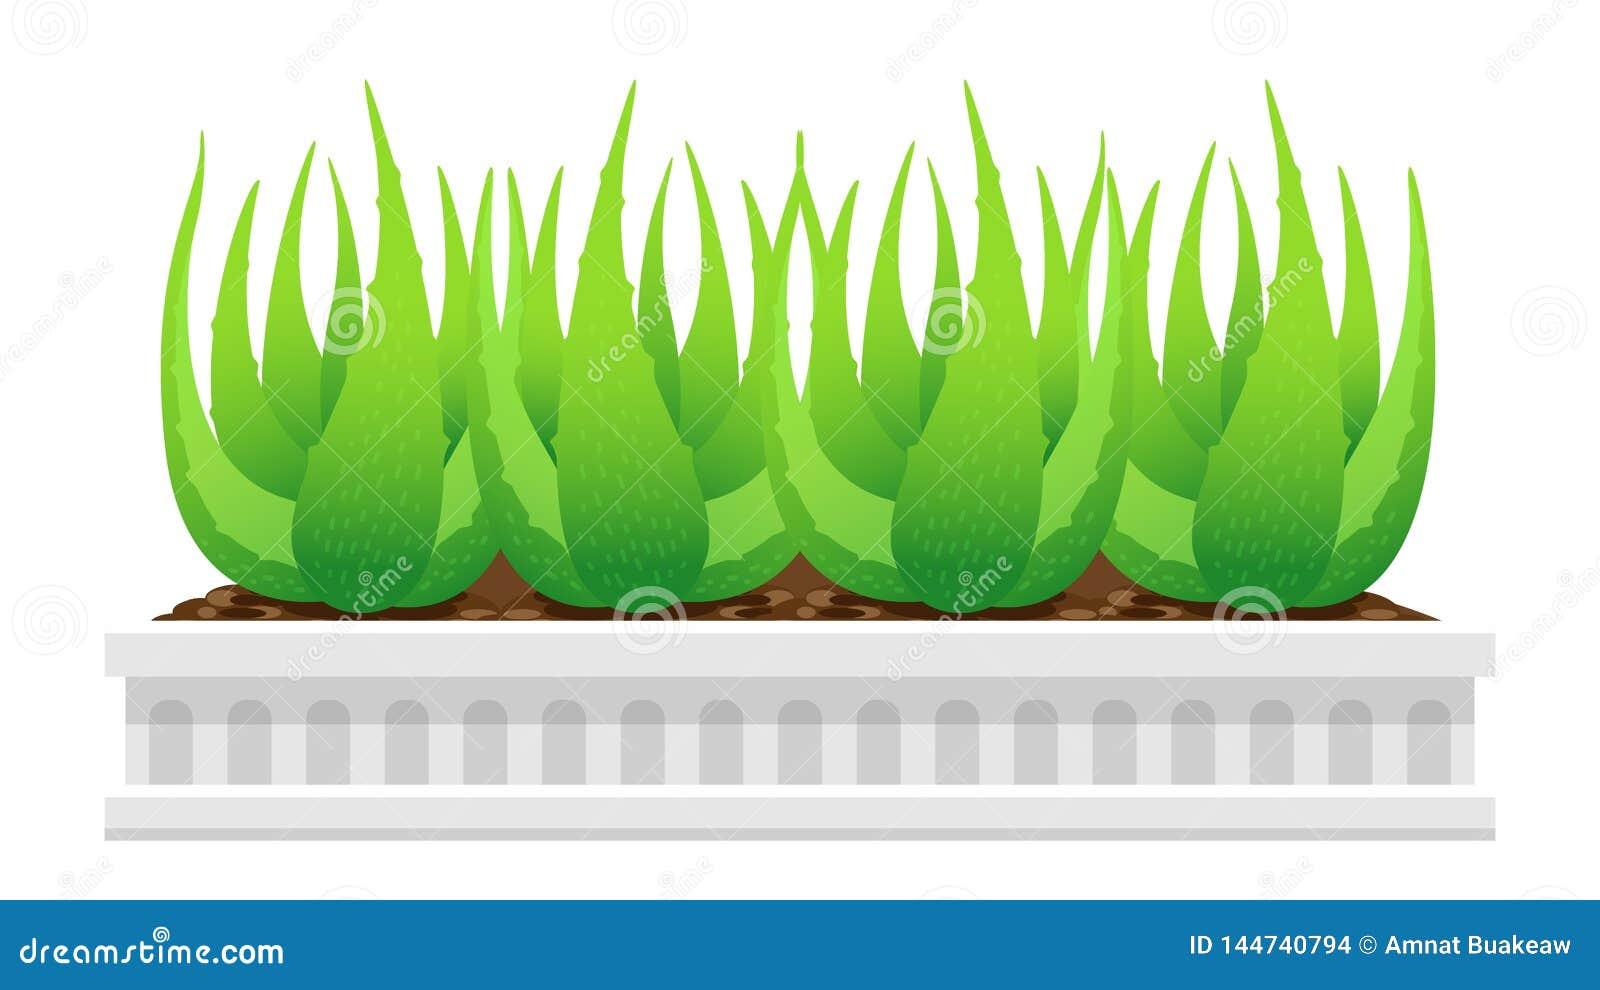 Usine De Vera D Aloes Dans Le Pot Blanc D Isolement Sur Le Fond Blanc Clipart Images Graphiques Des Feuilles De Vera D Aloes Illustration De Vecteur Illustration Du Graphiques Isolement 144740794